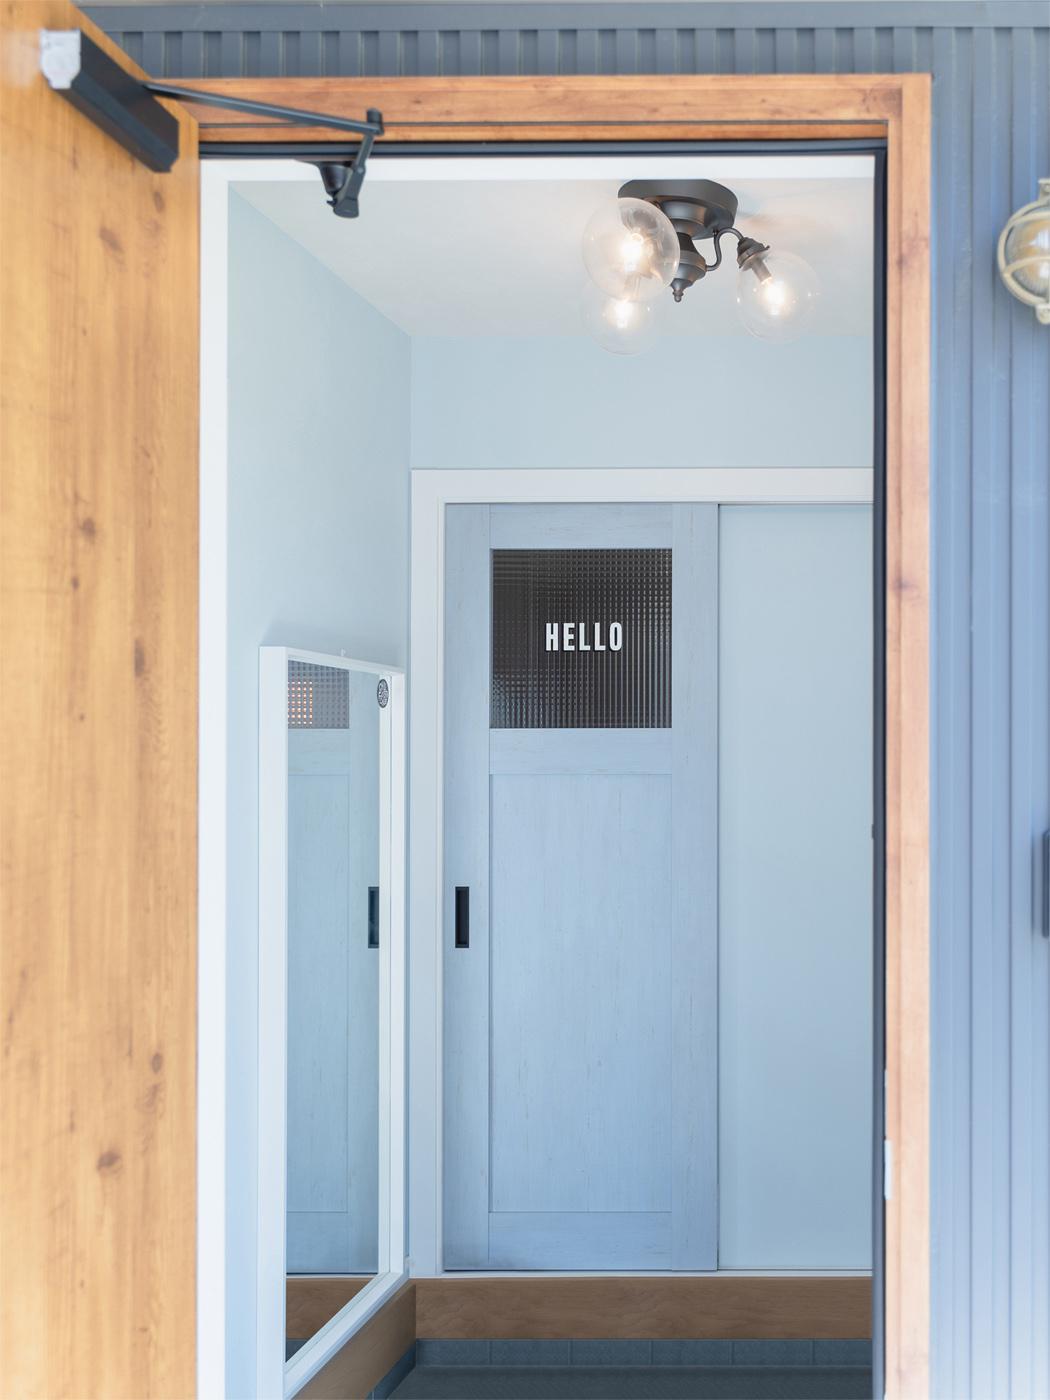 玄関には、お客様を出迎える「HELLO」のペイントが。